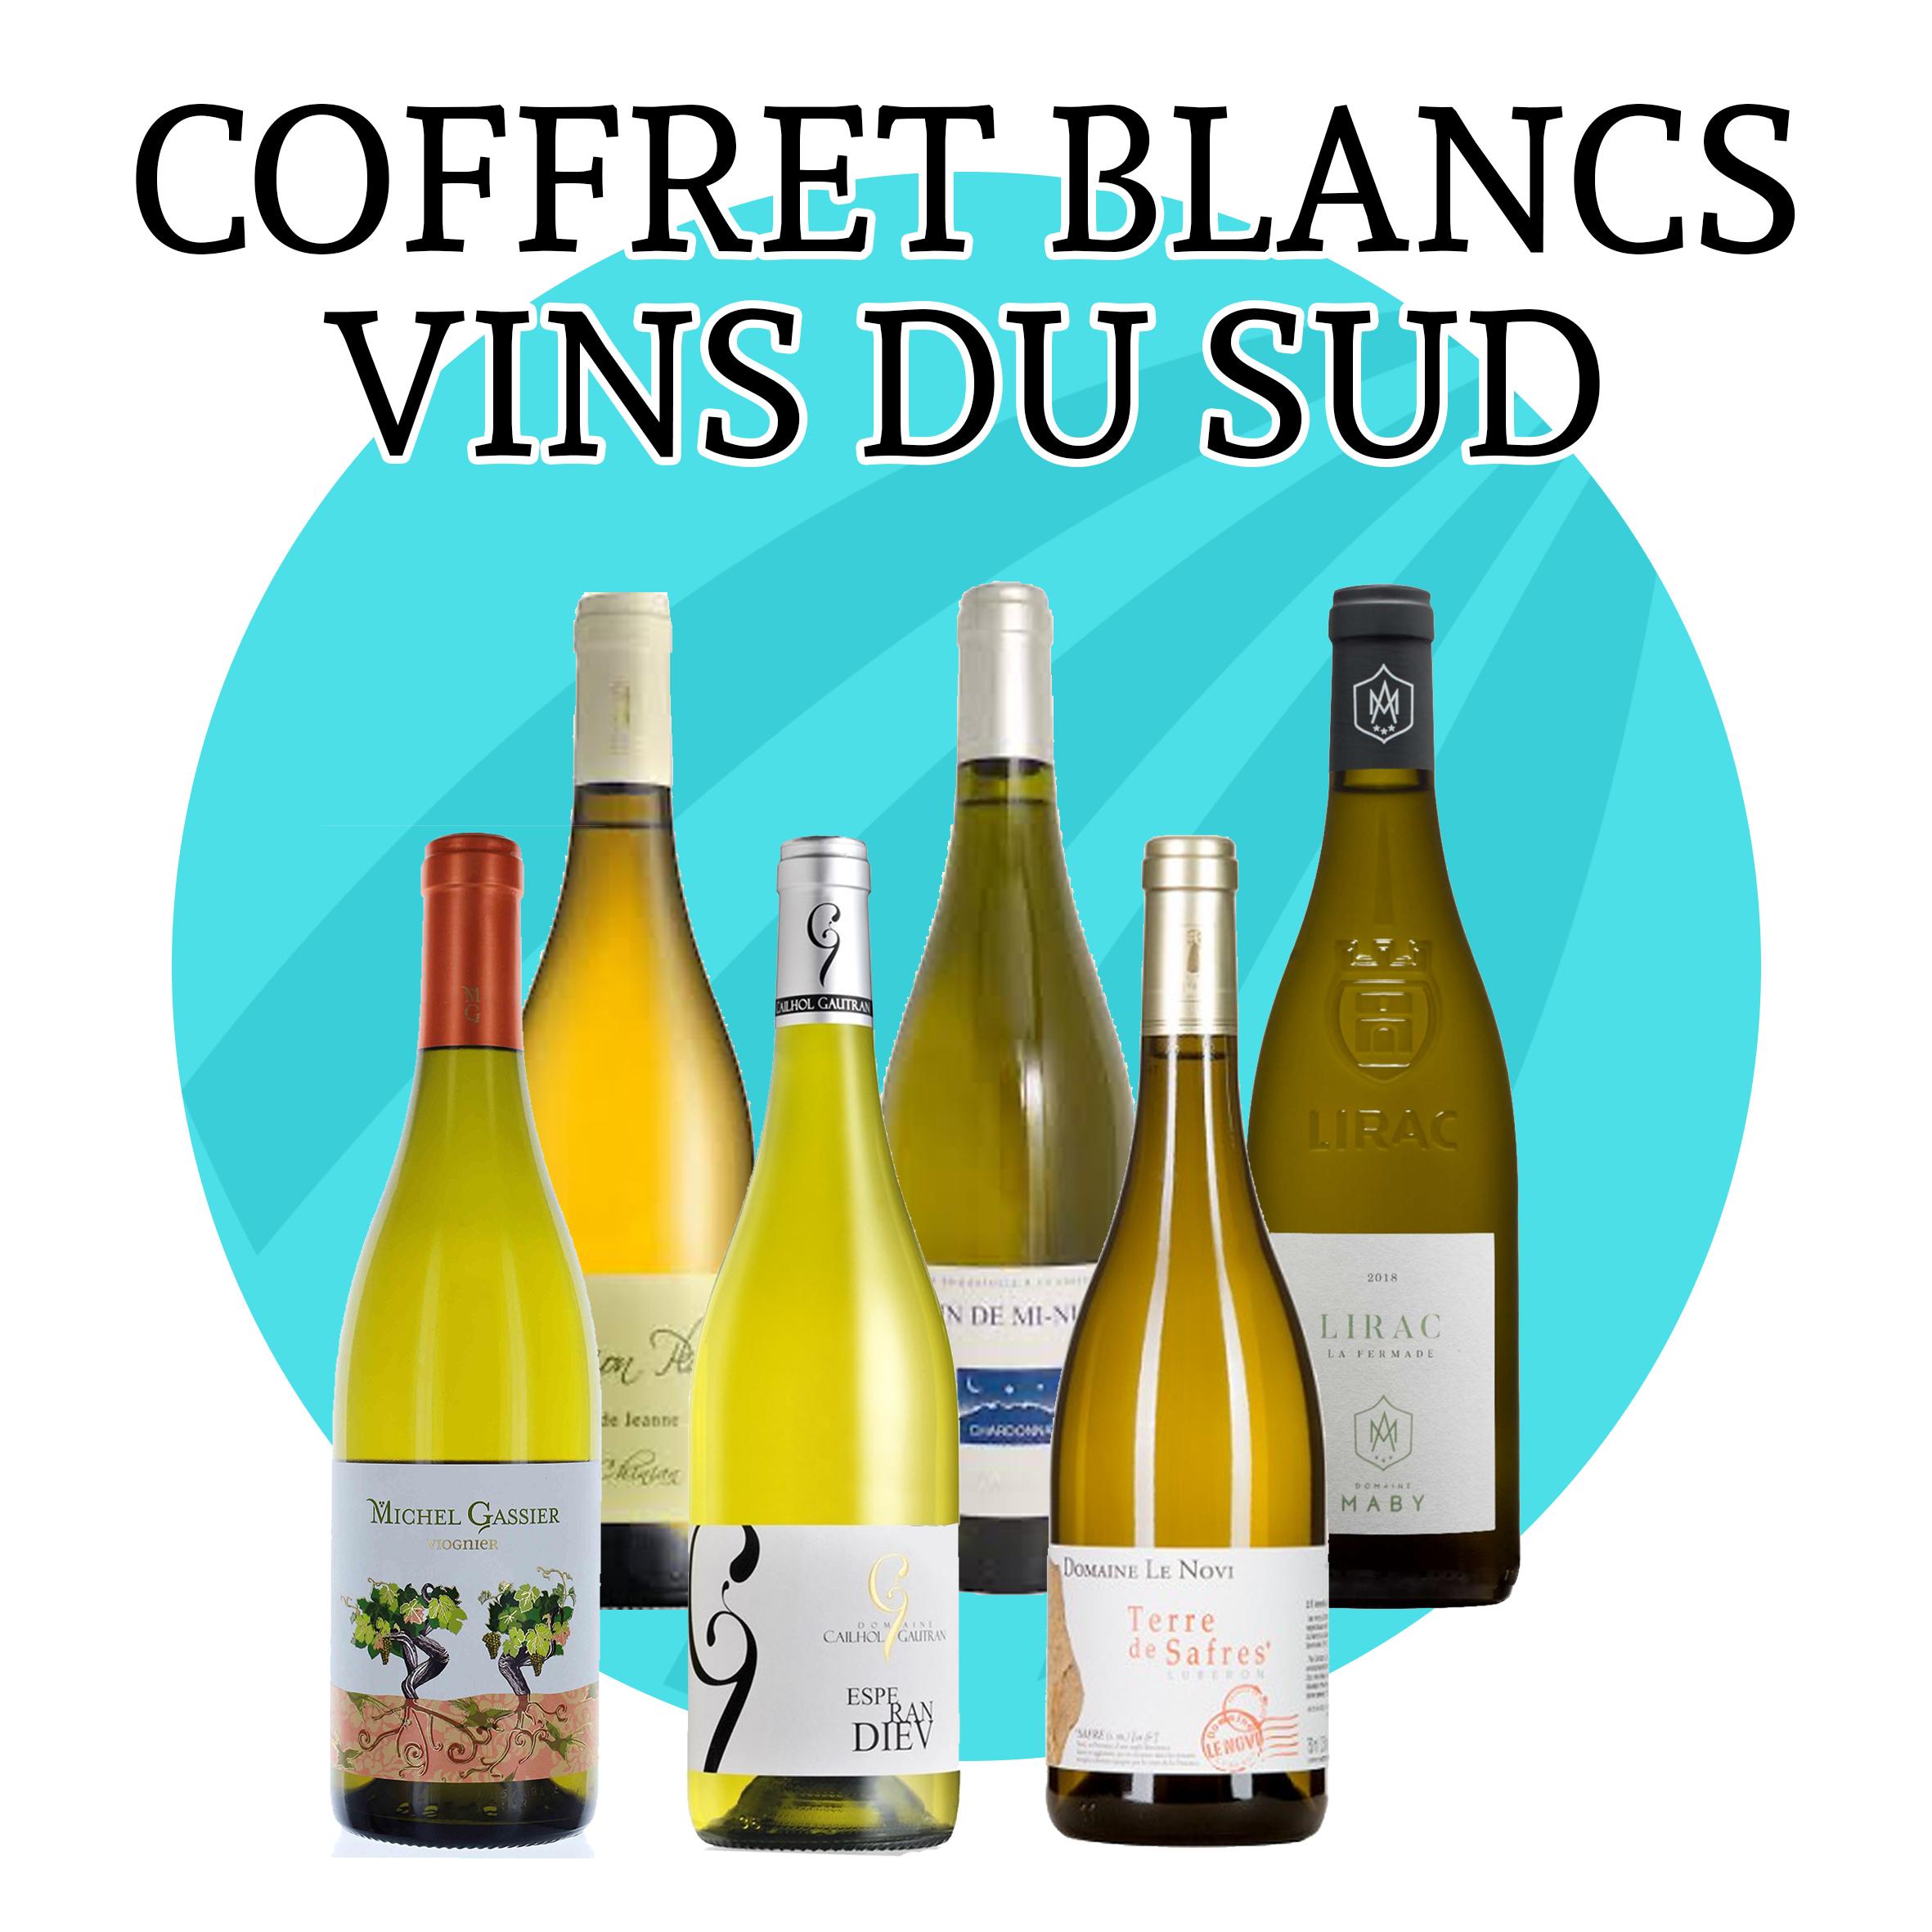 Coffret Vins Blancs du Sud - 6 bouteilles